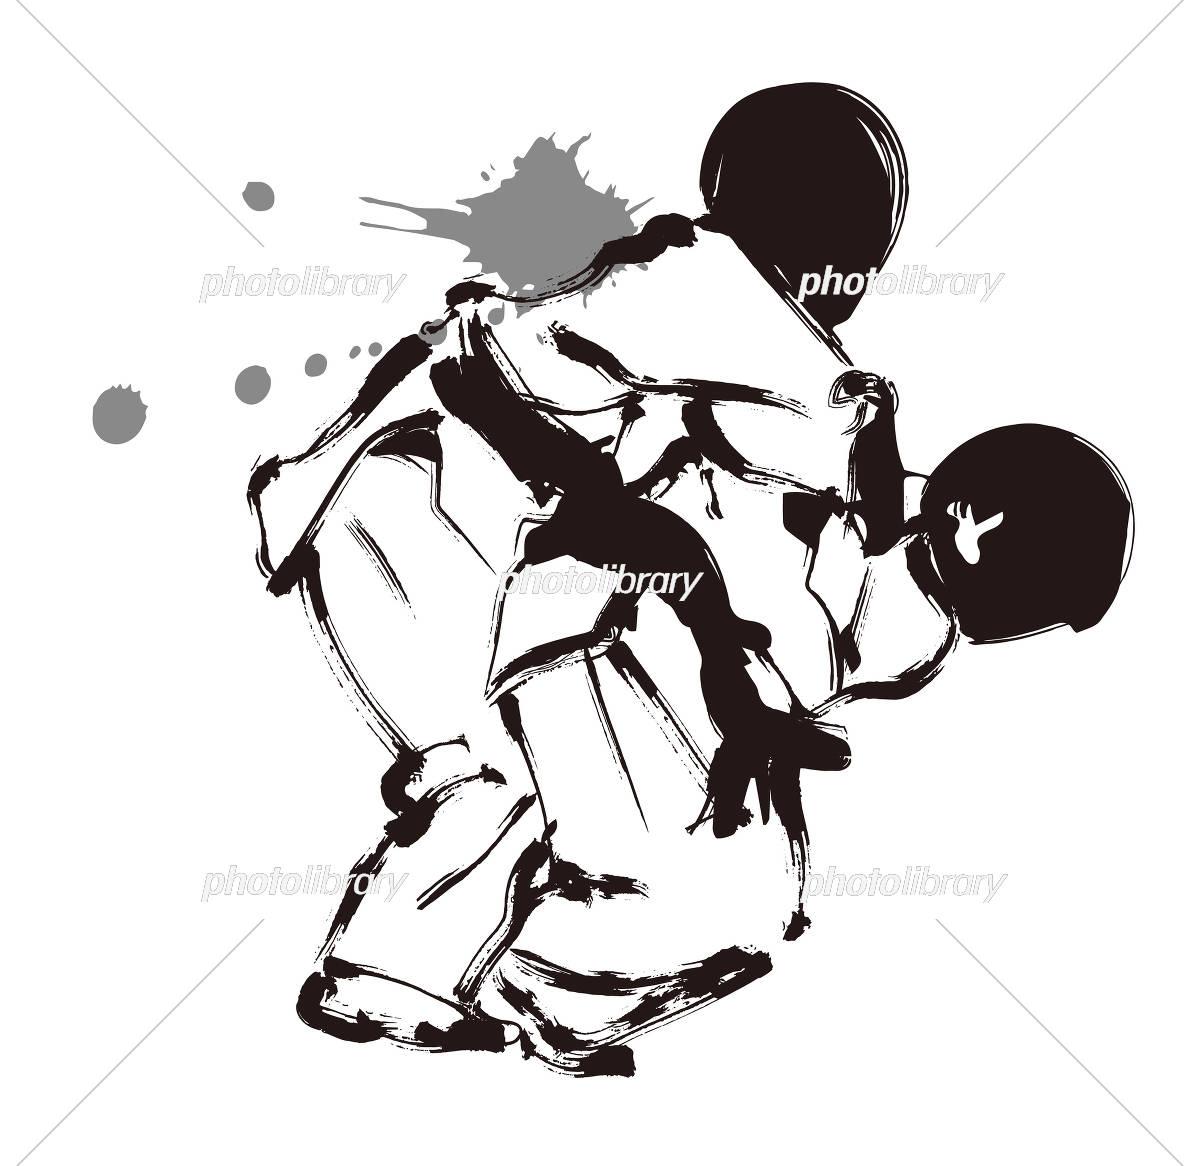 イラスト スポーツ 空手 女子 イラスト素材 [ 417733 ] - フォトライブ